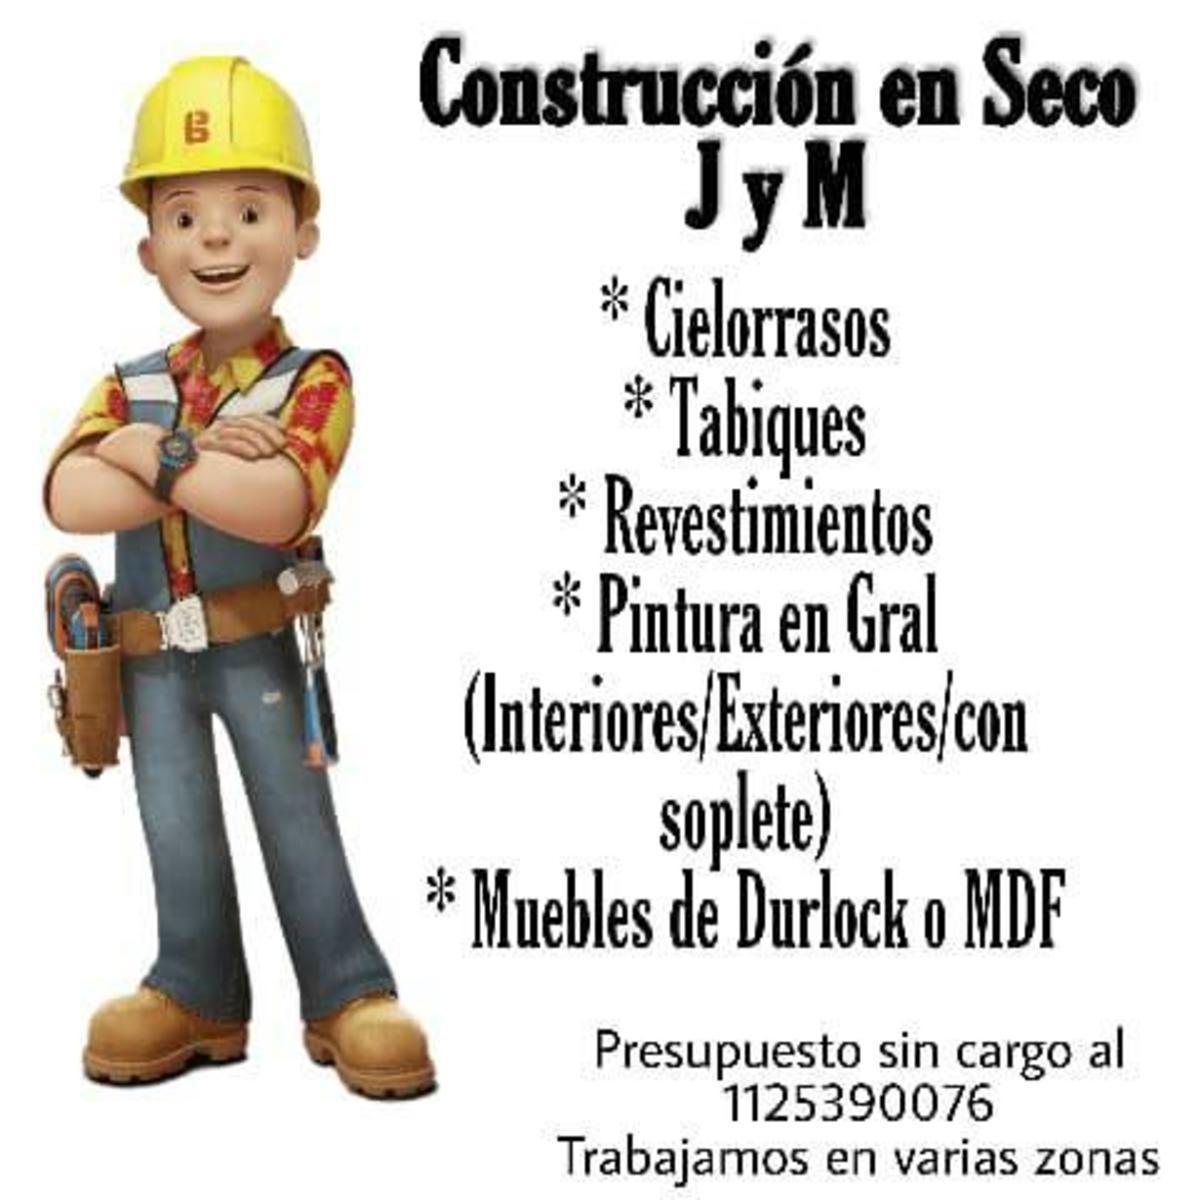 J&M CONSTRUCCIONES EN SECO